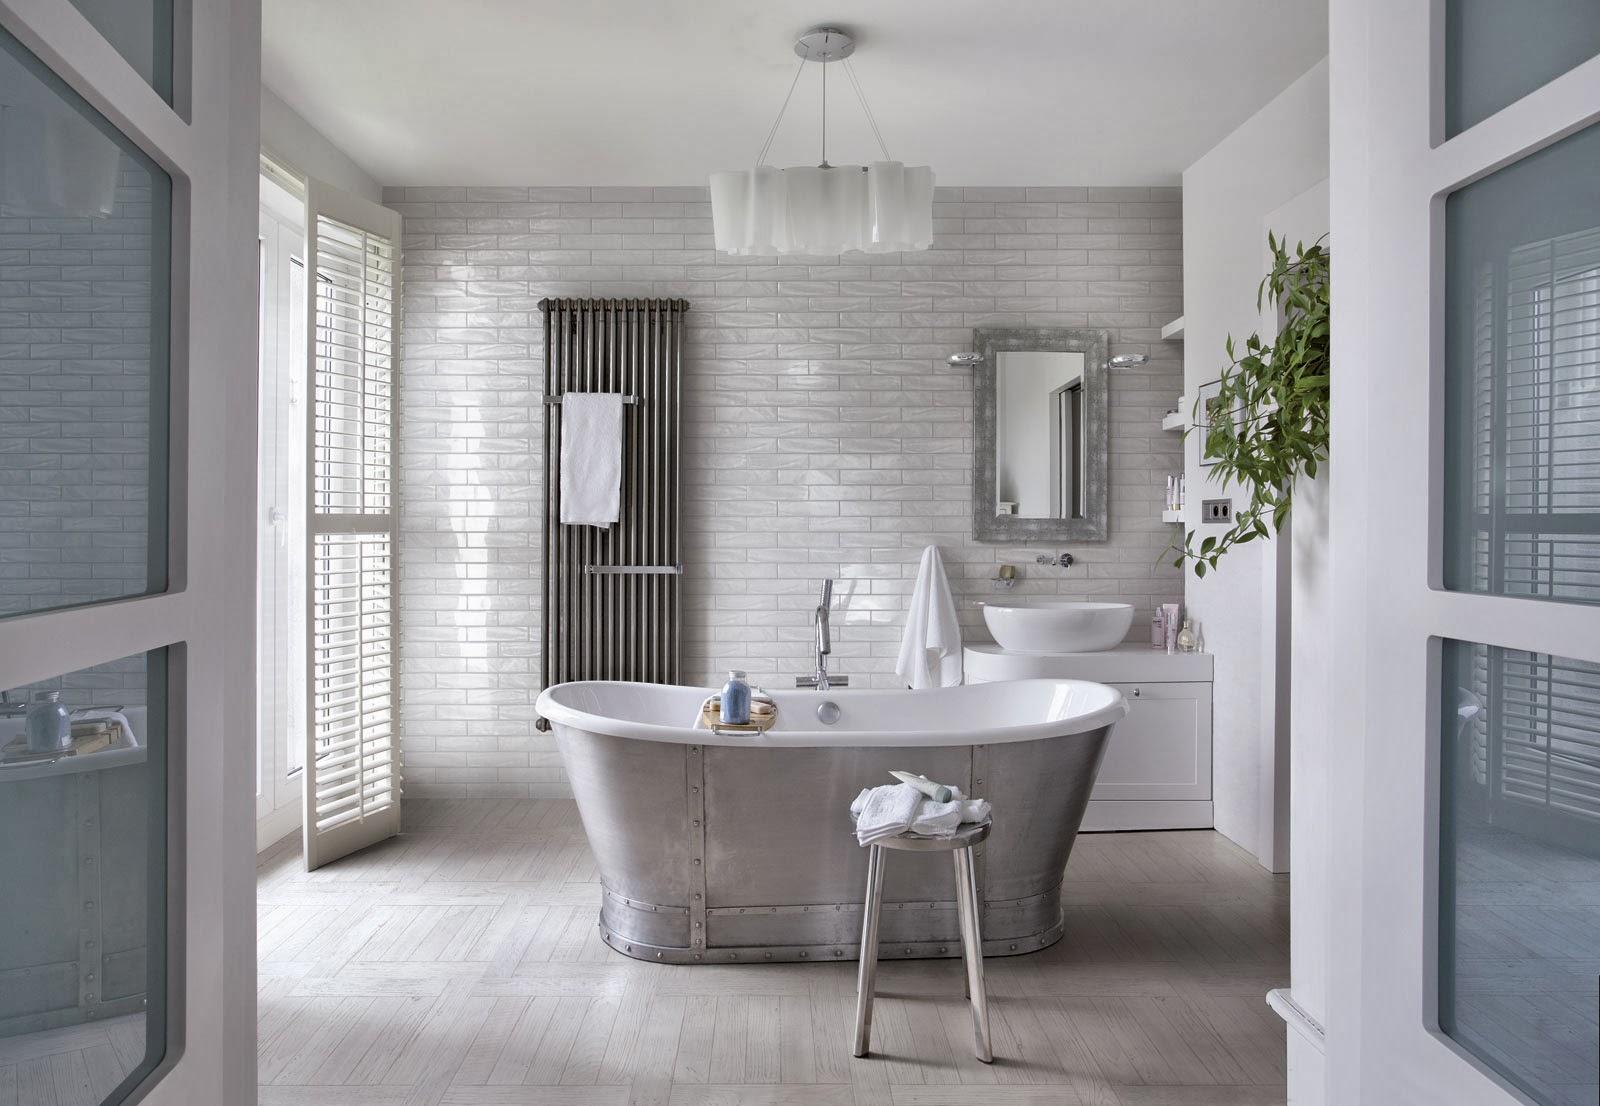 Prix d un am nagement de salle de bain 2018 for Prix salle de bain travaux